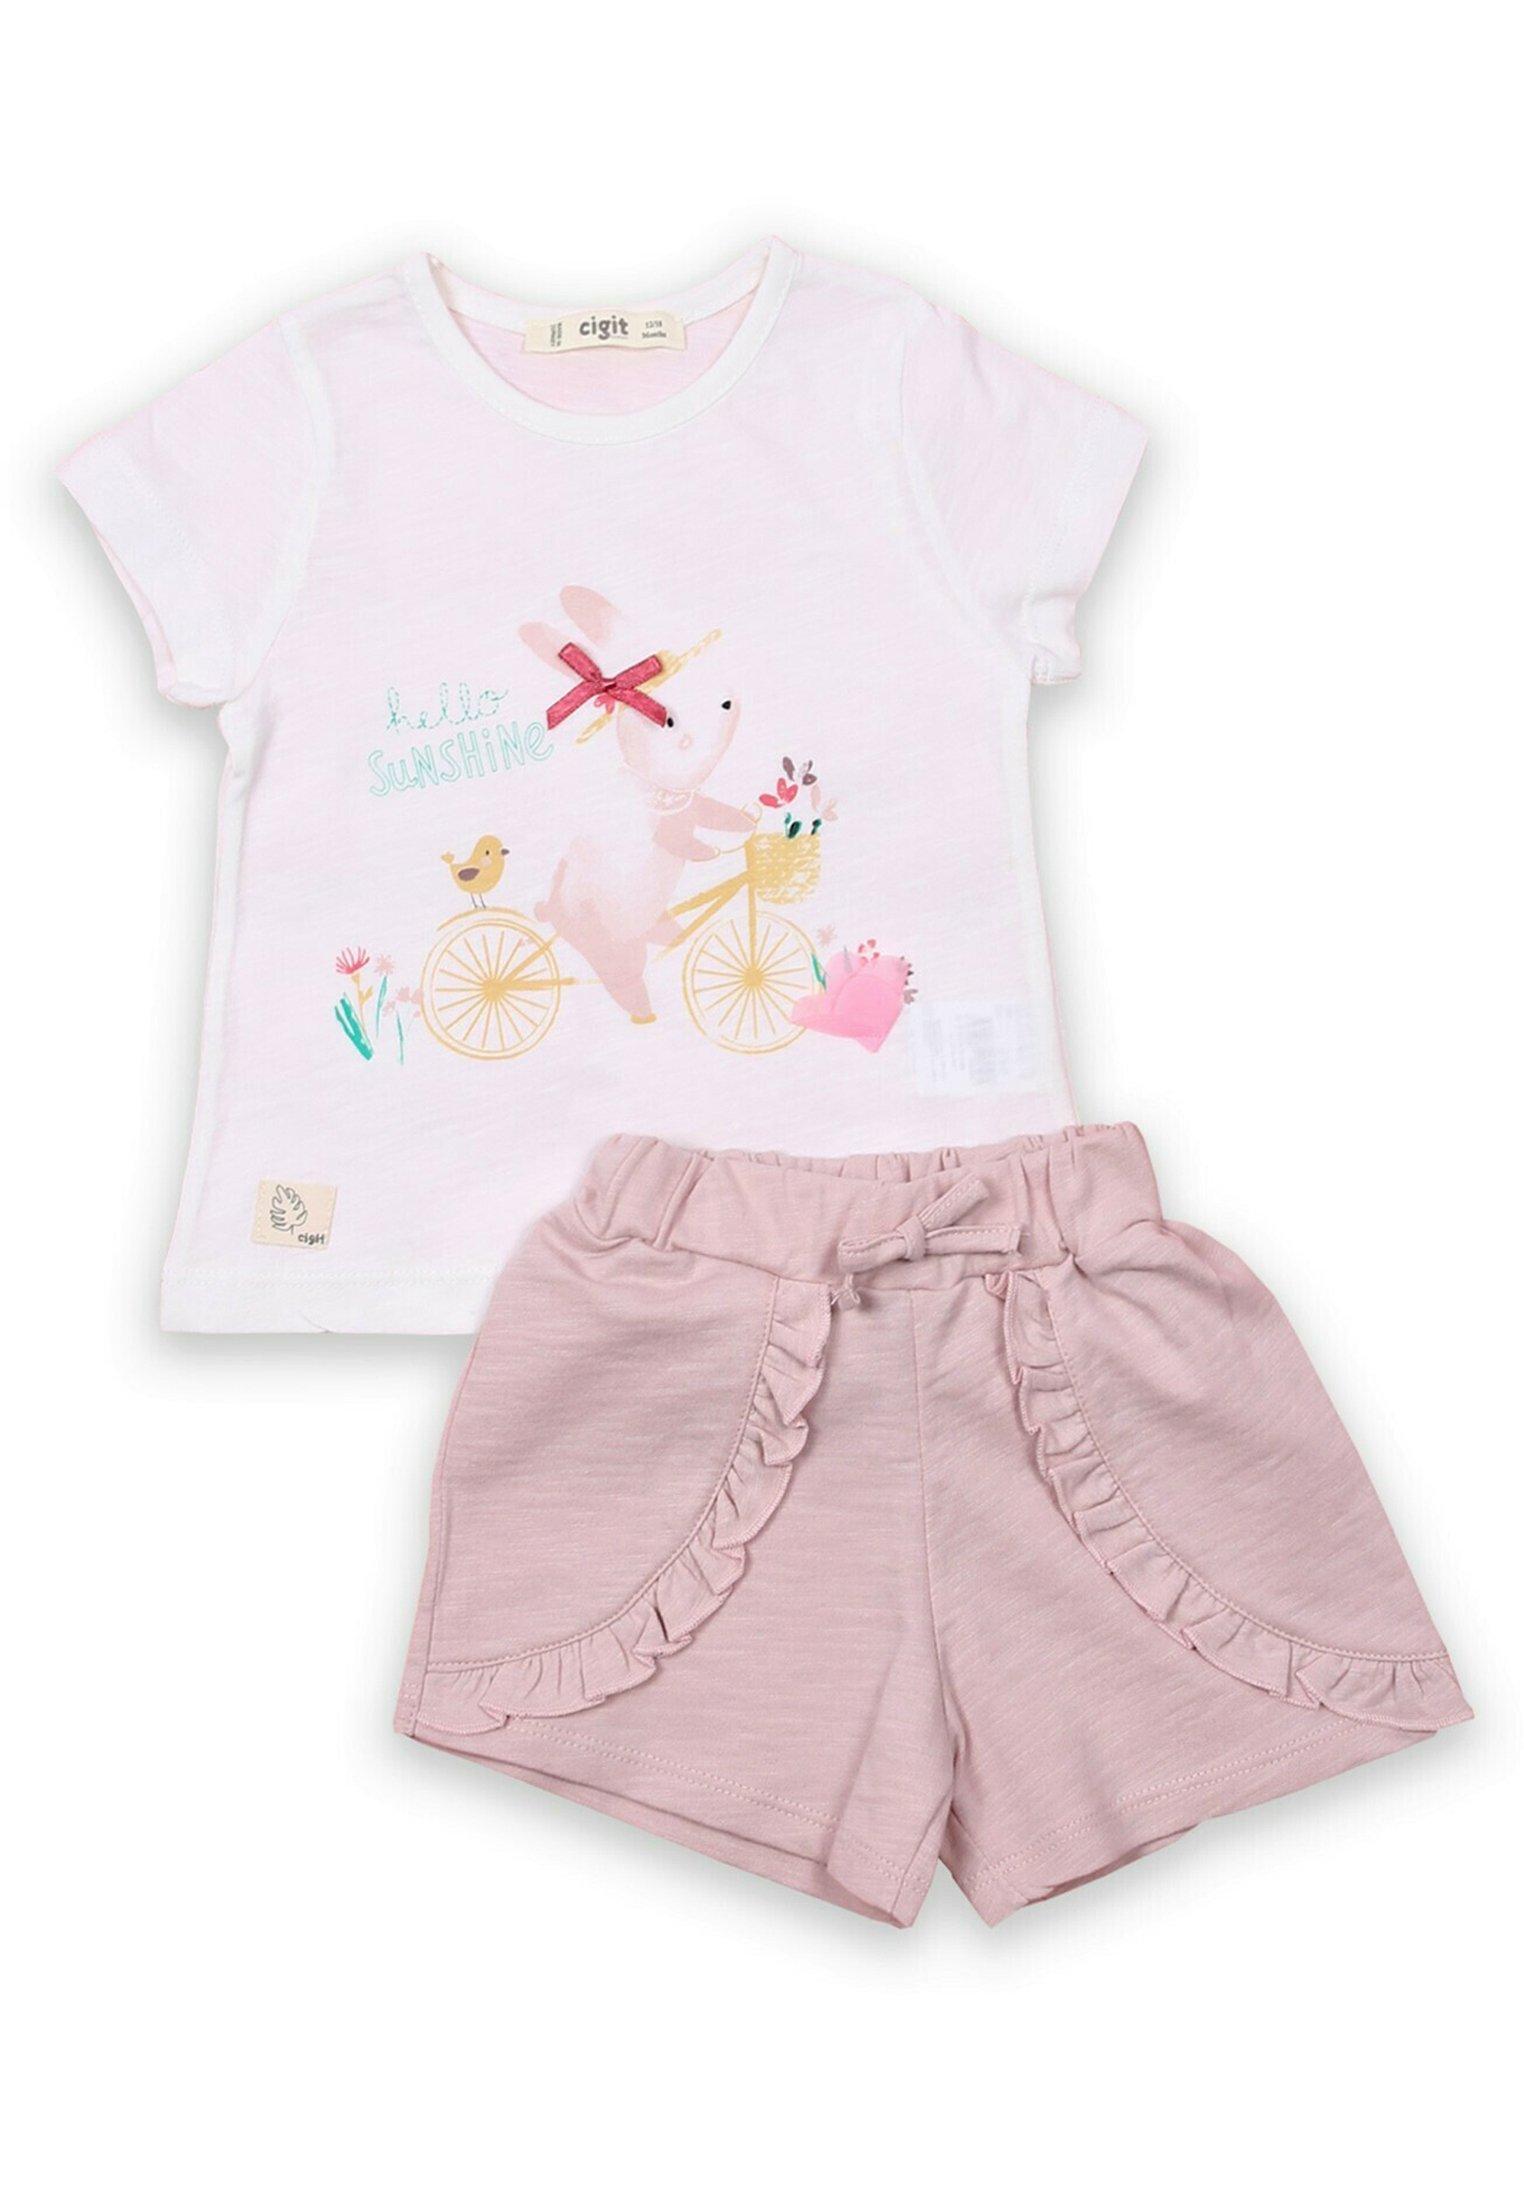 Enfant T-SHIRT AND SHORT SET - Short